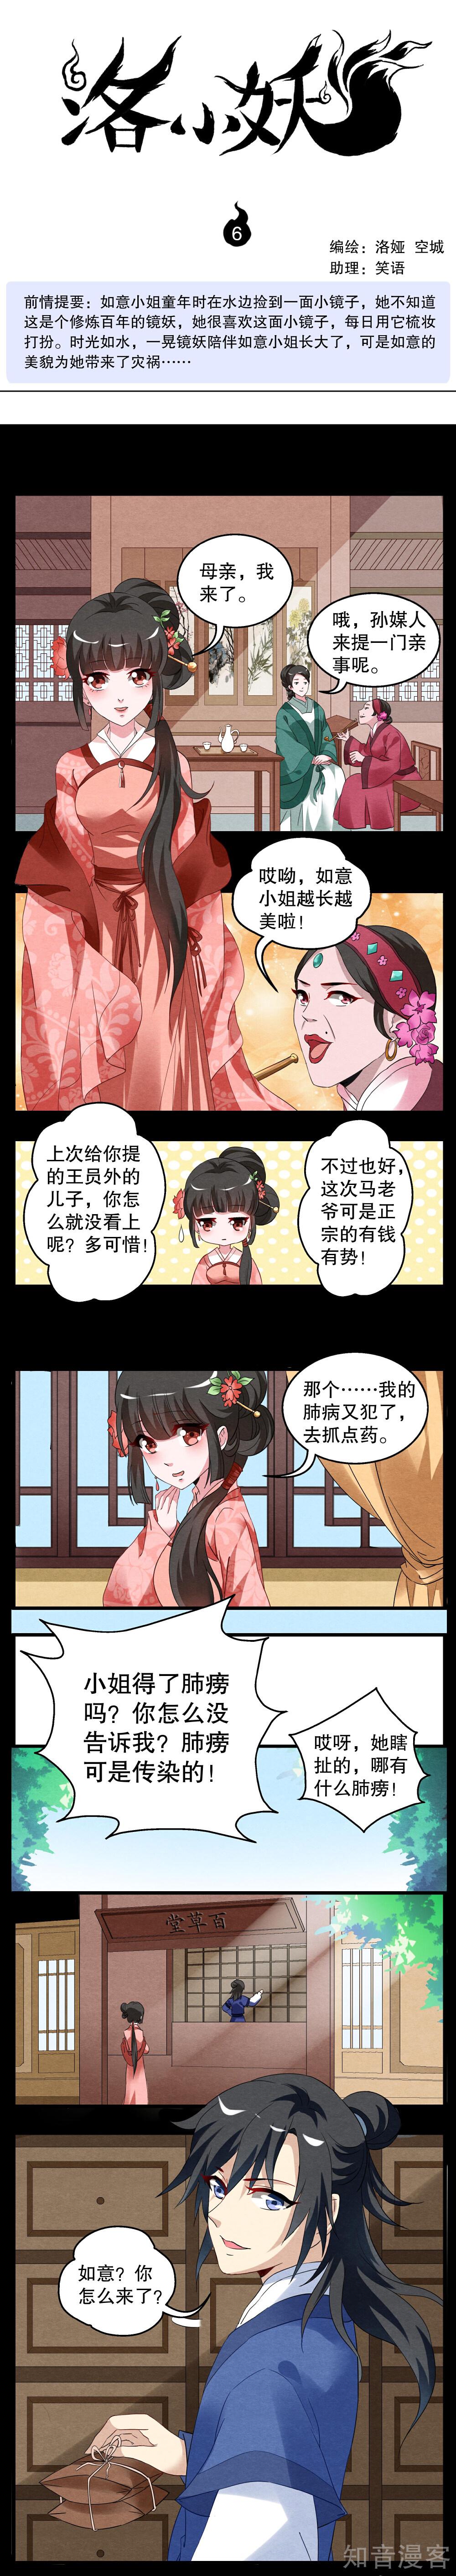 小妖粹/h:���y��{J_洛小妖漫画